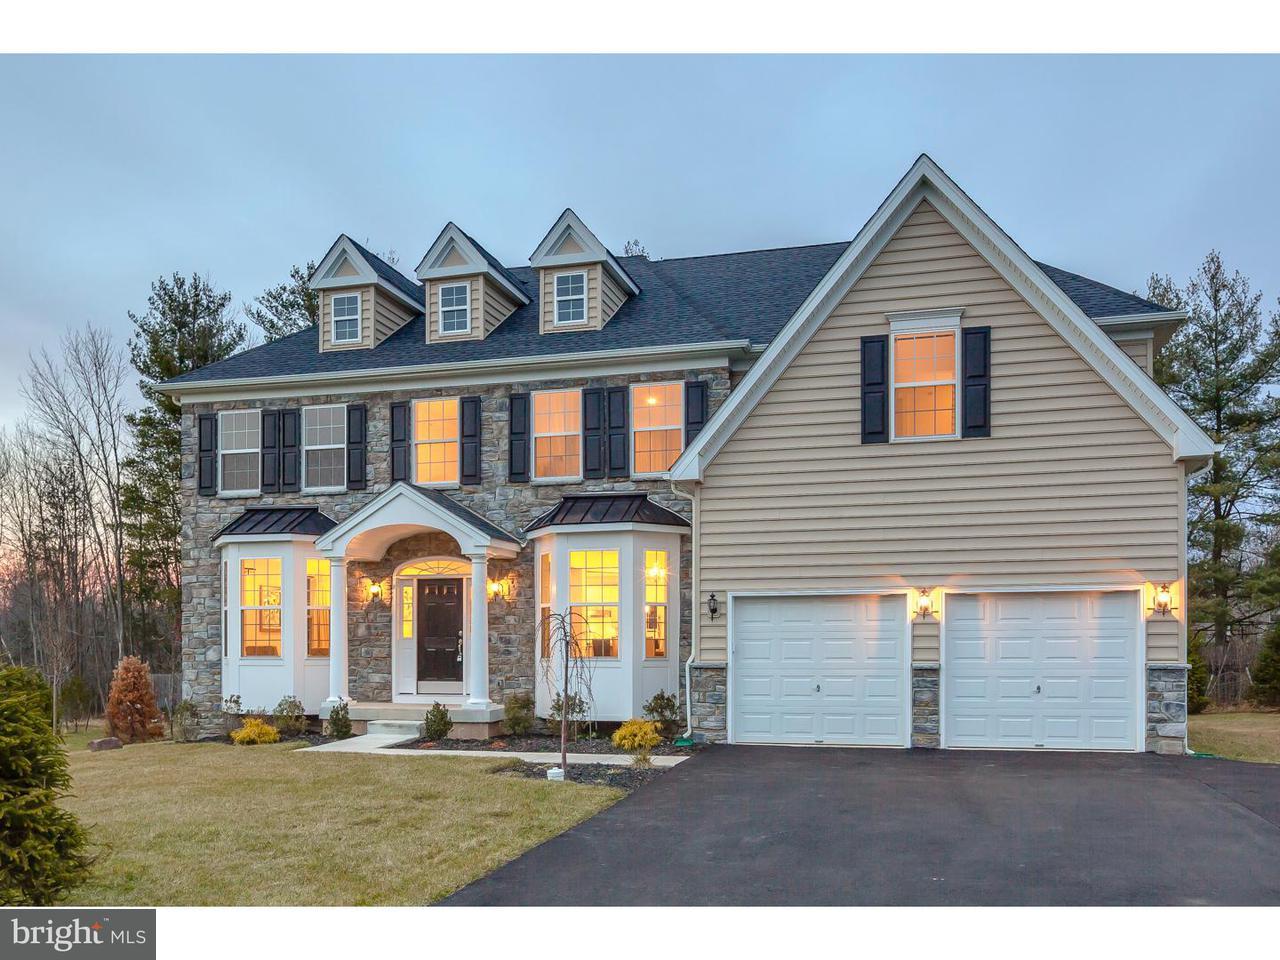 Частный односемейный дом для того Продажа на 2535 CINDY Lane Warrington, Пенсильвания 18976 Соединенные Штаты